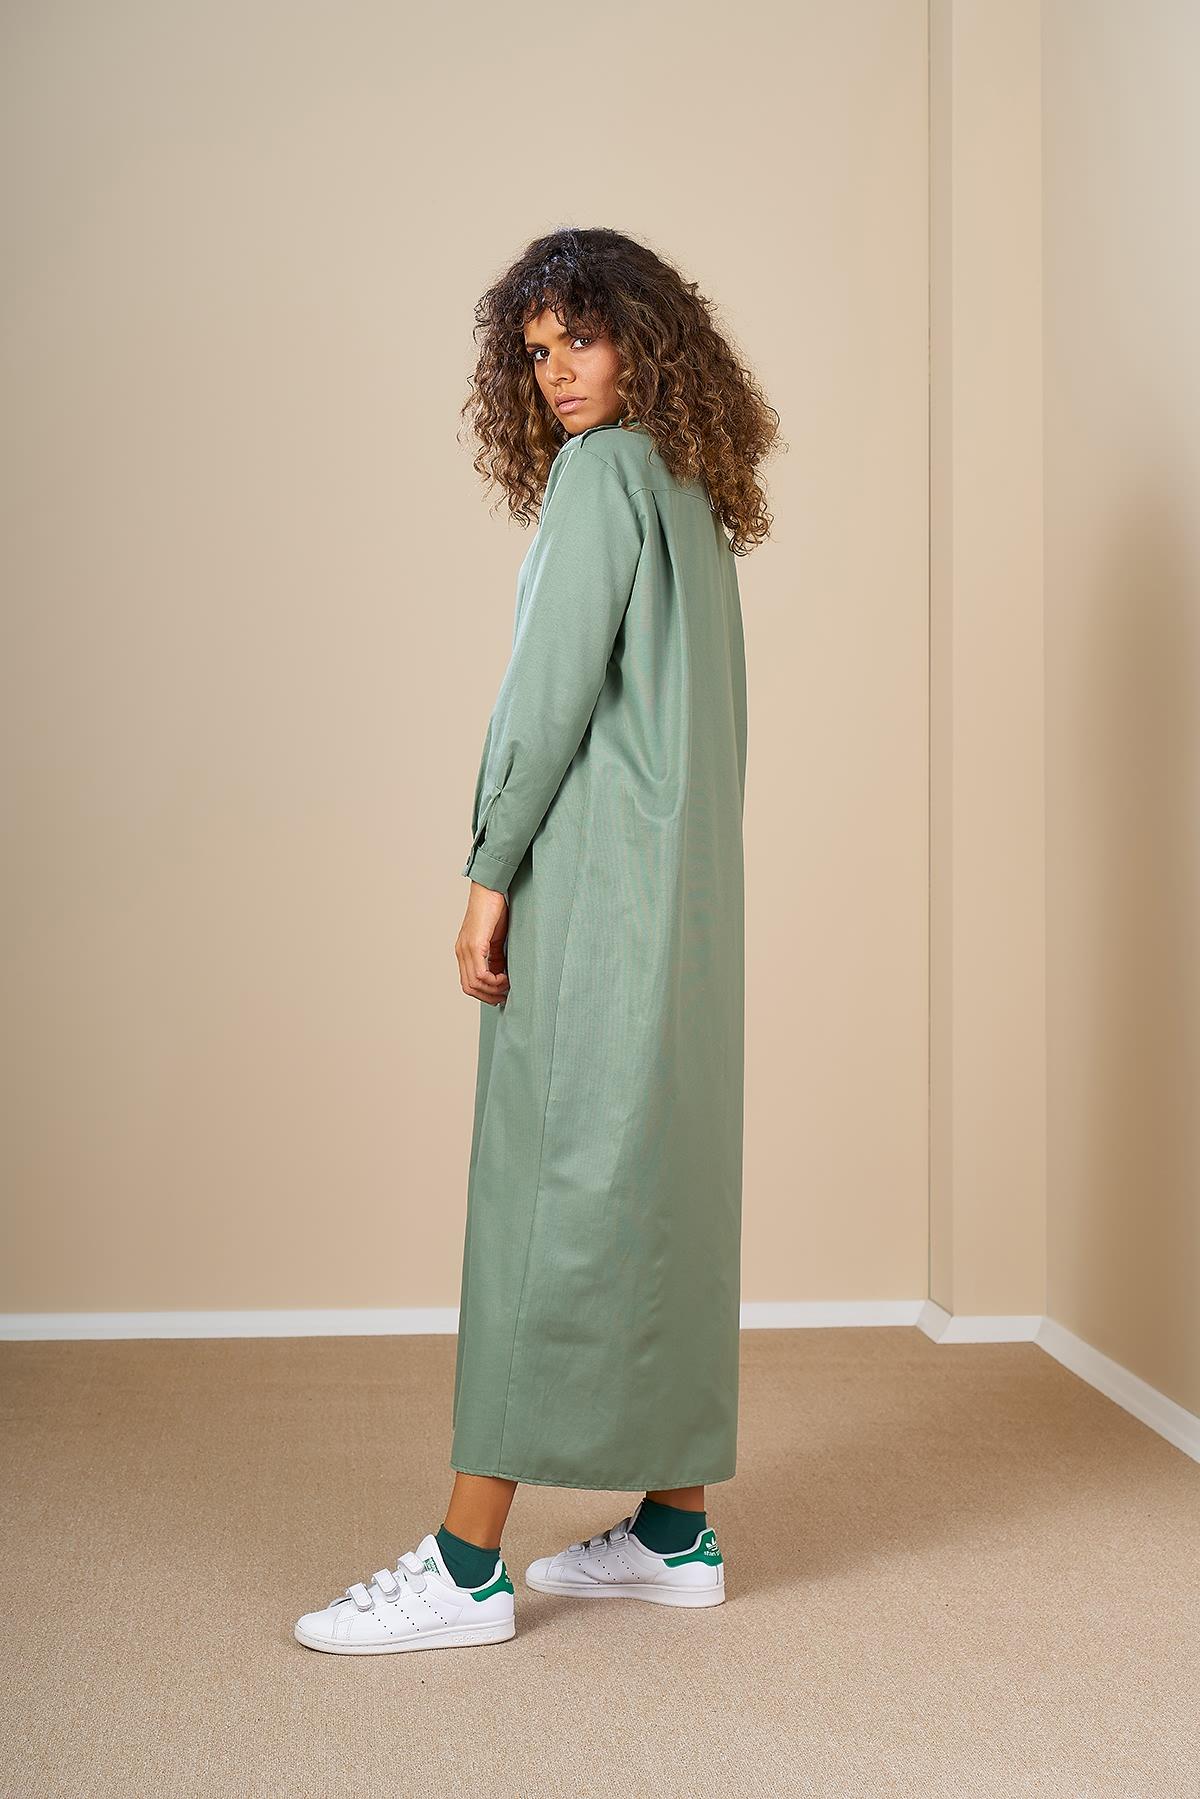 Mevra - Robalı Elbise Yeşil